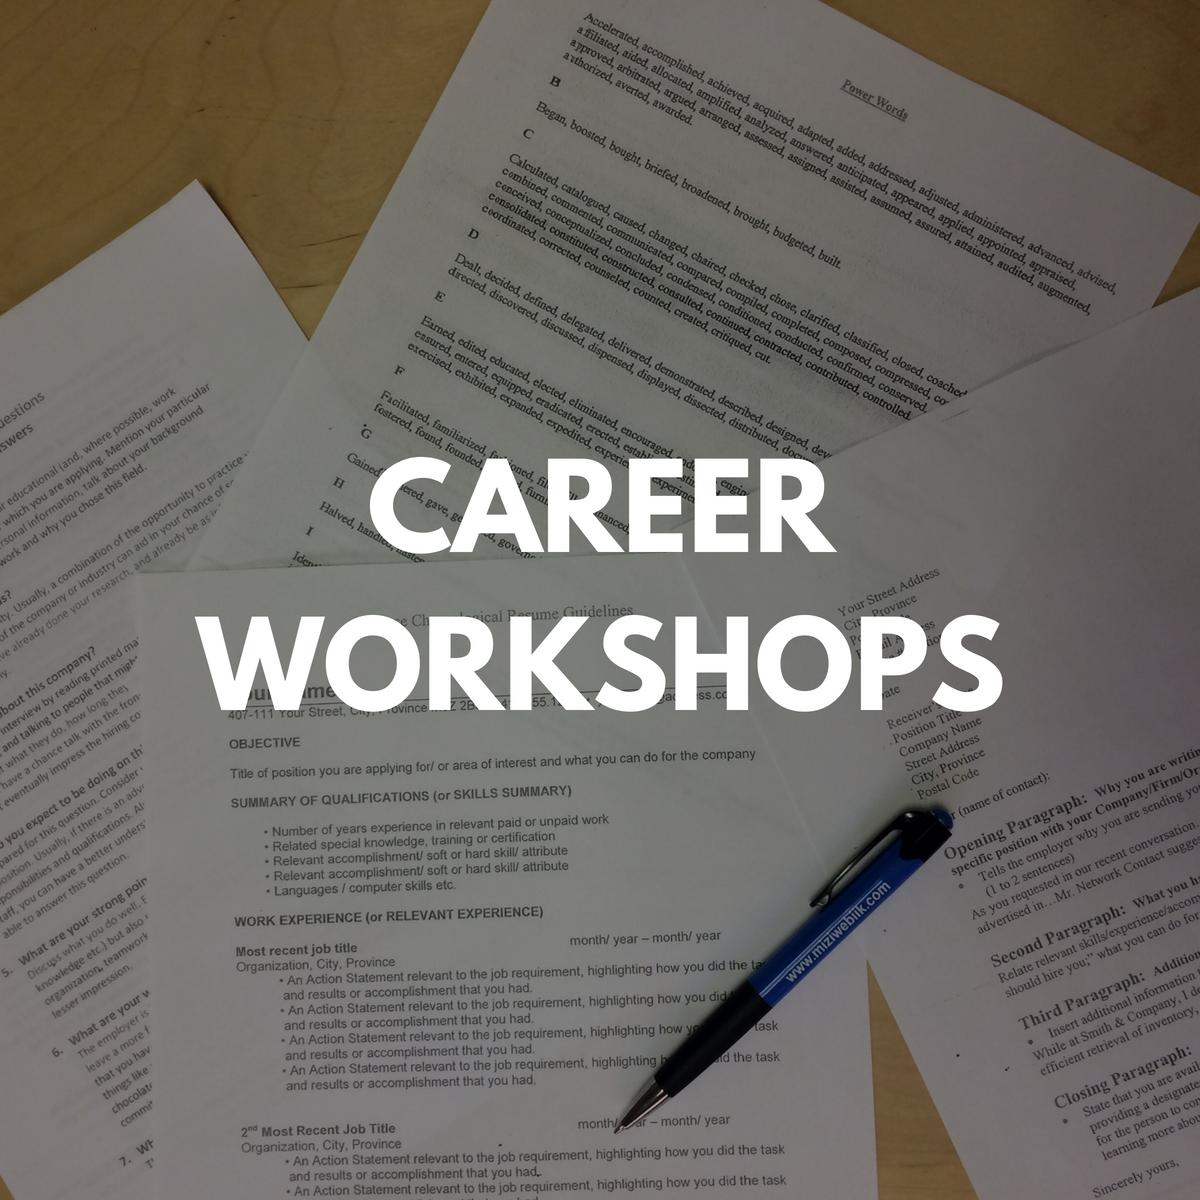 Career Workshops